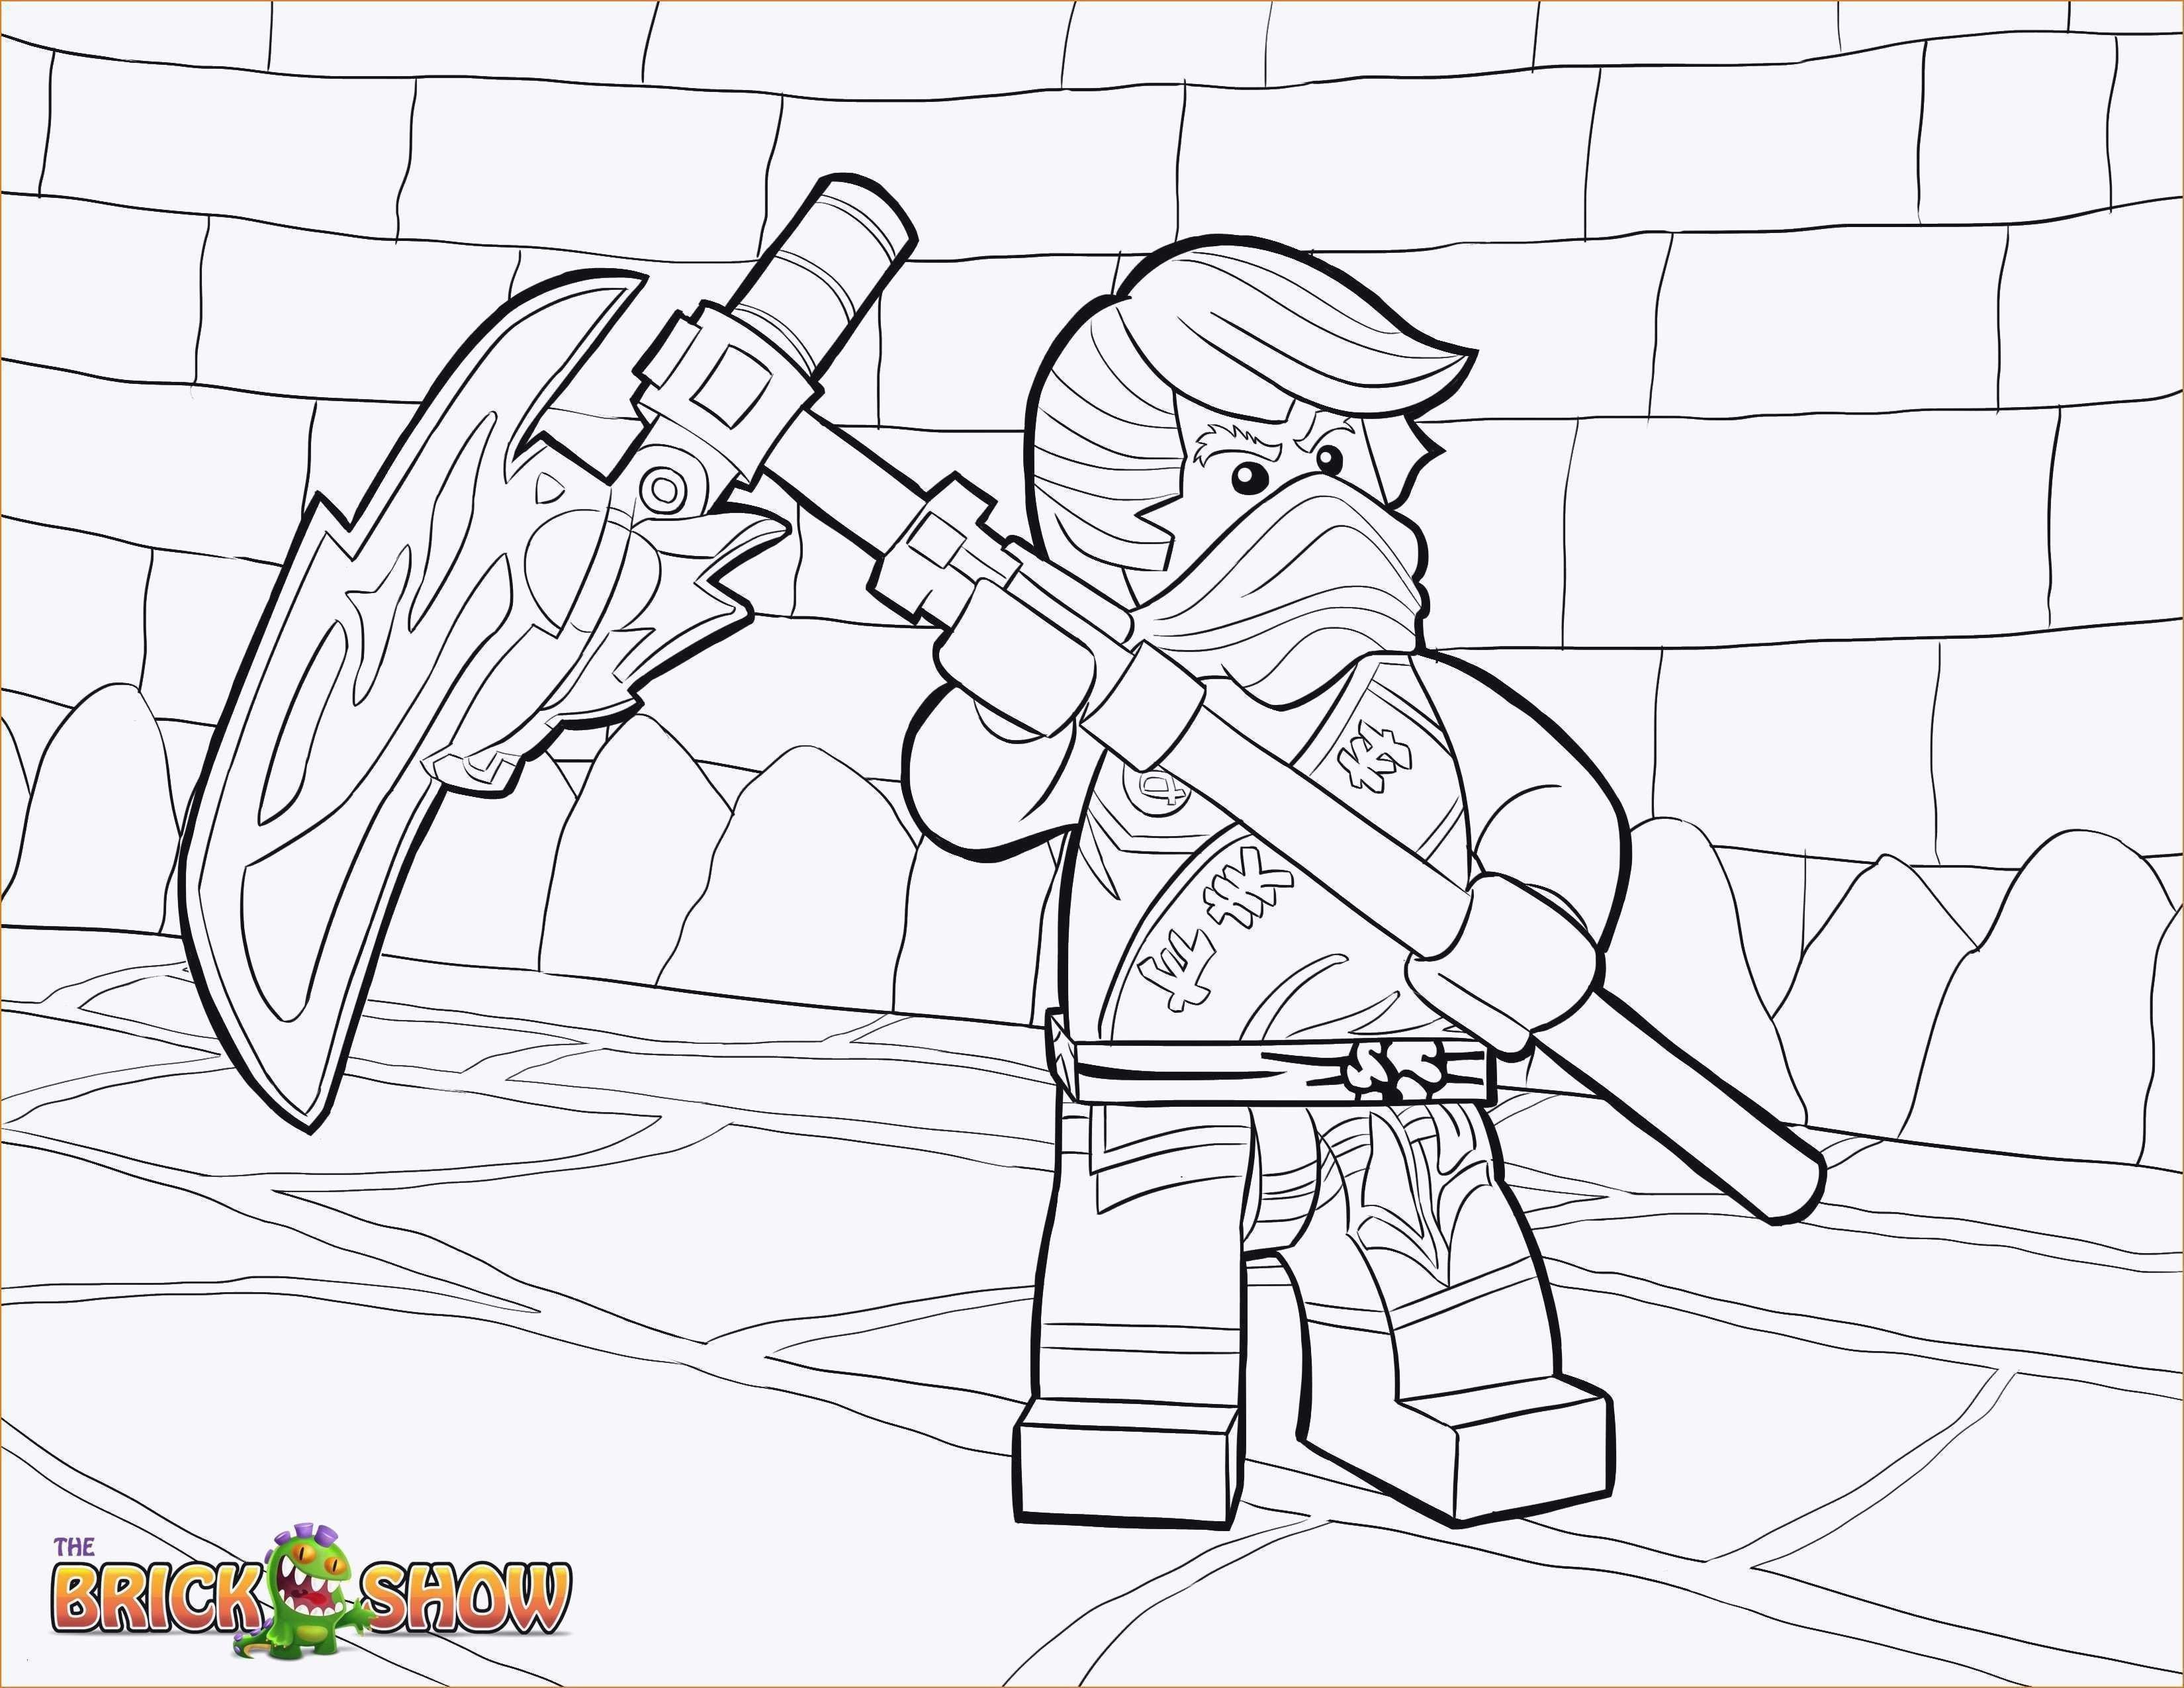 Lego Ninjago Malvorlagen Neu Vögel Im Winter Malvorlagen Frisch Lego Ninjago Malvorlagen Elegant Bild